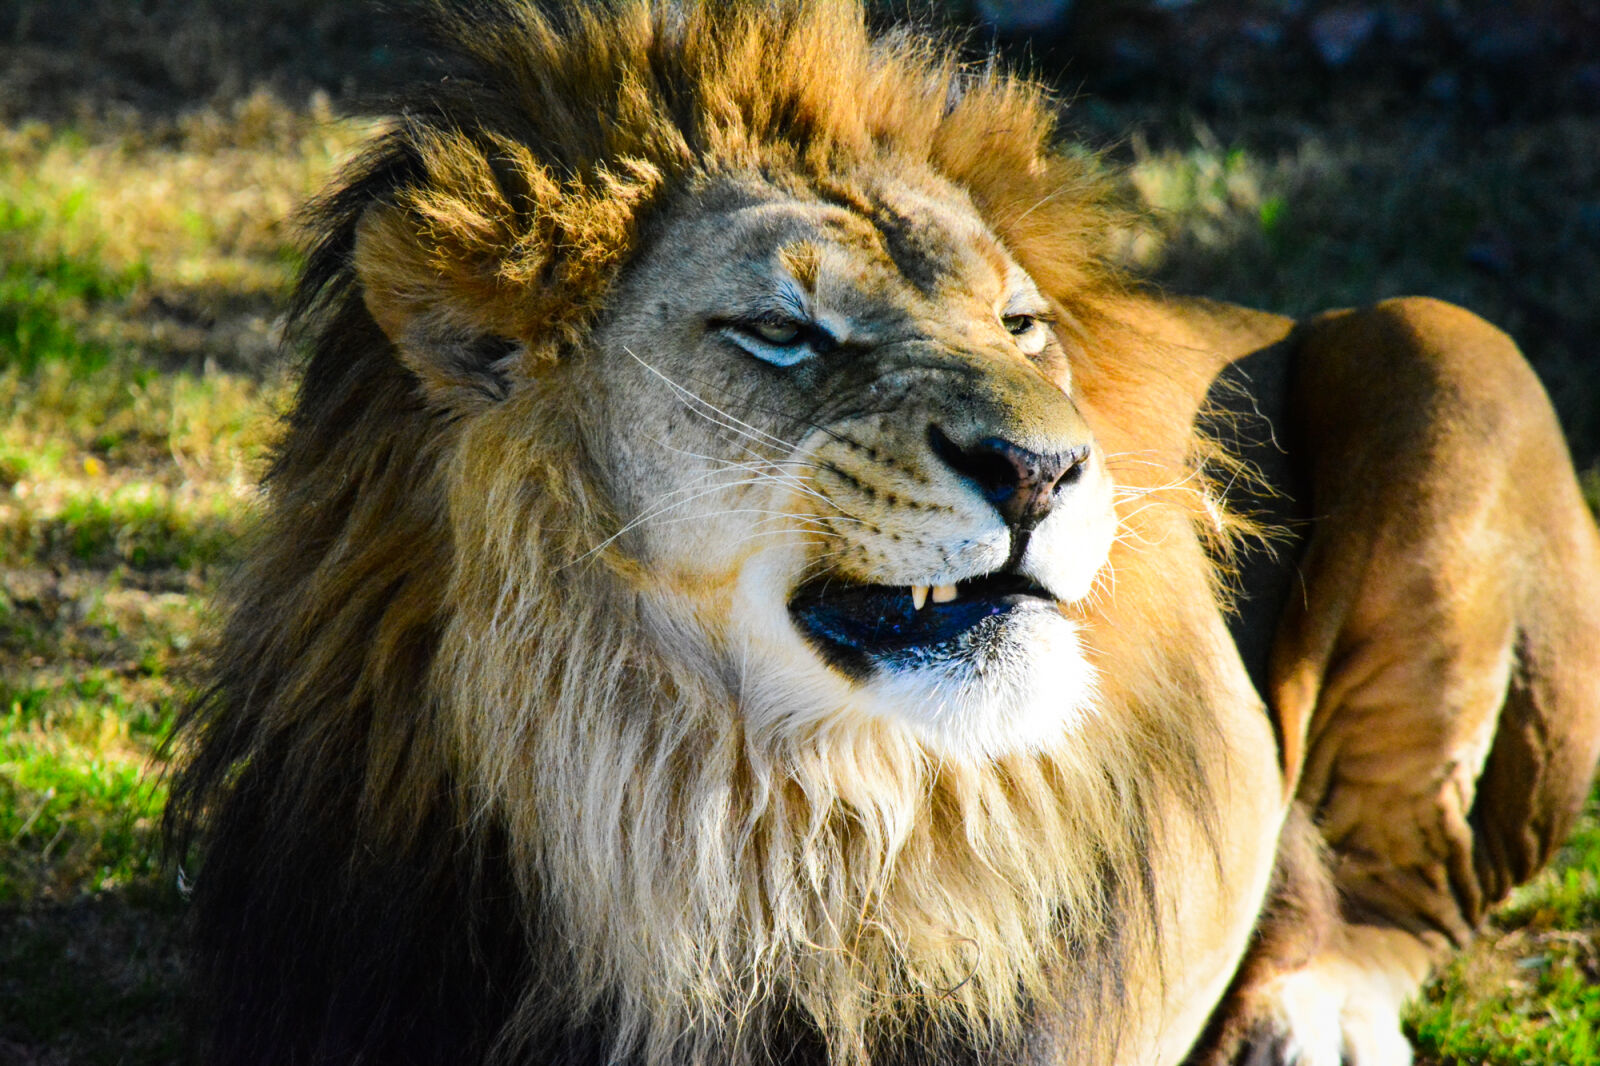 """Nikon D5200 sample photo. """"Bigcat, bigcats, growl, growls"""" photography"""